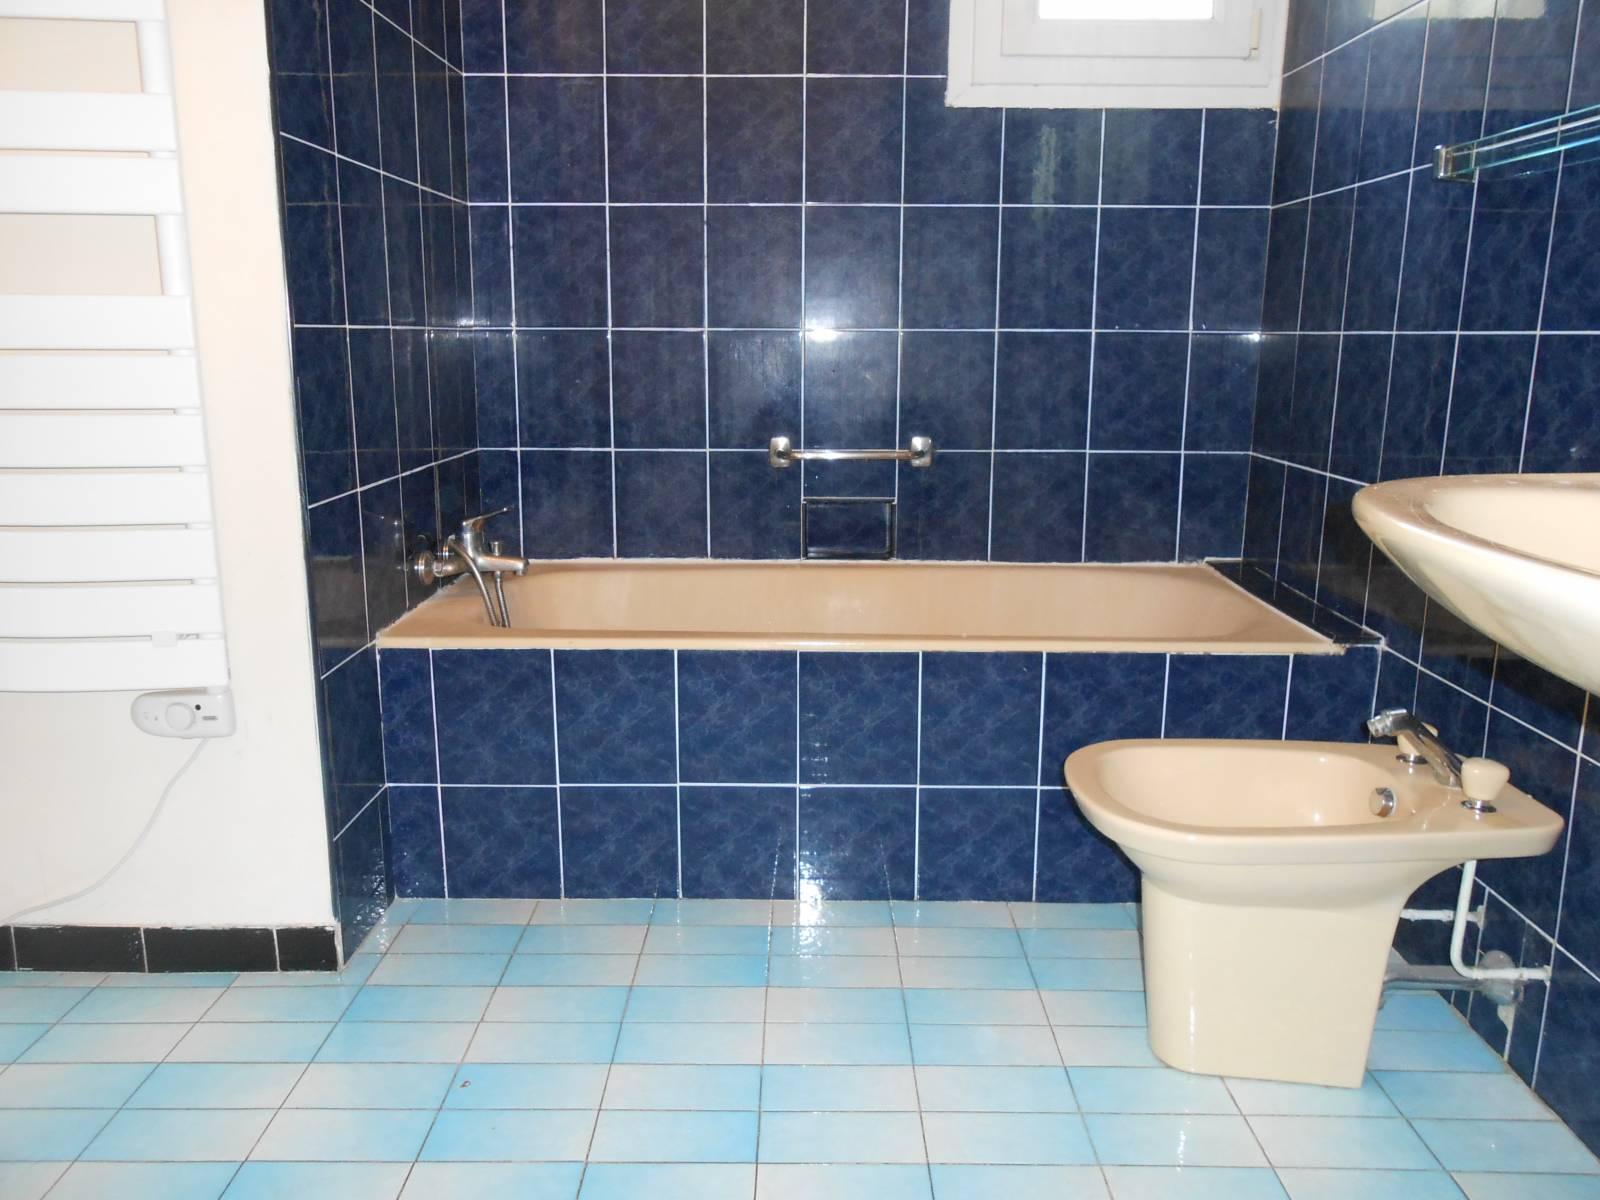 remplacement de baignoire par douche s curis e pour s nior. Black Bedroom Furniture Sets. Home Design Ideas